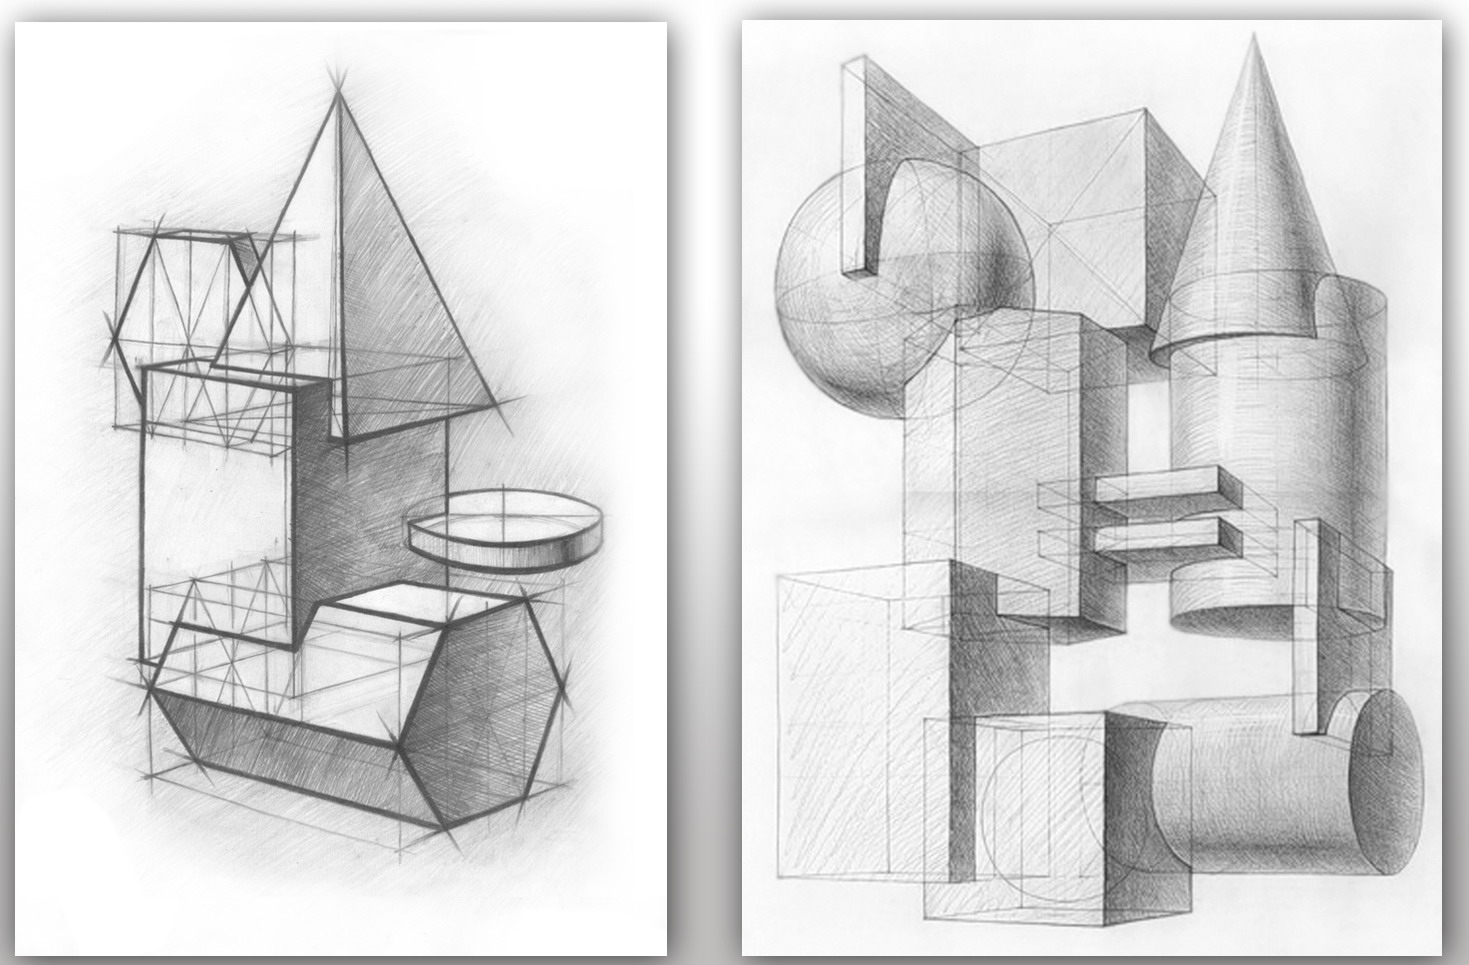 архитектурная графика примеры вступительных работ нашем каталоге представлены